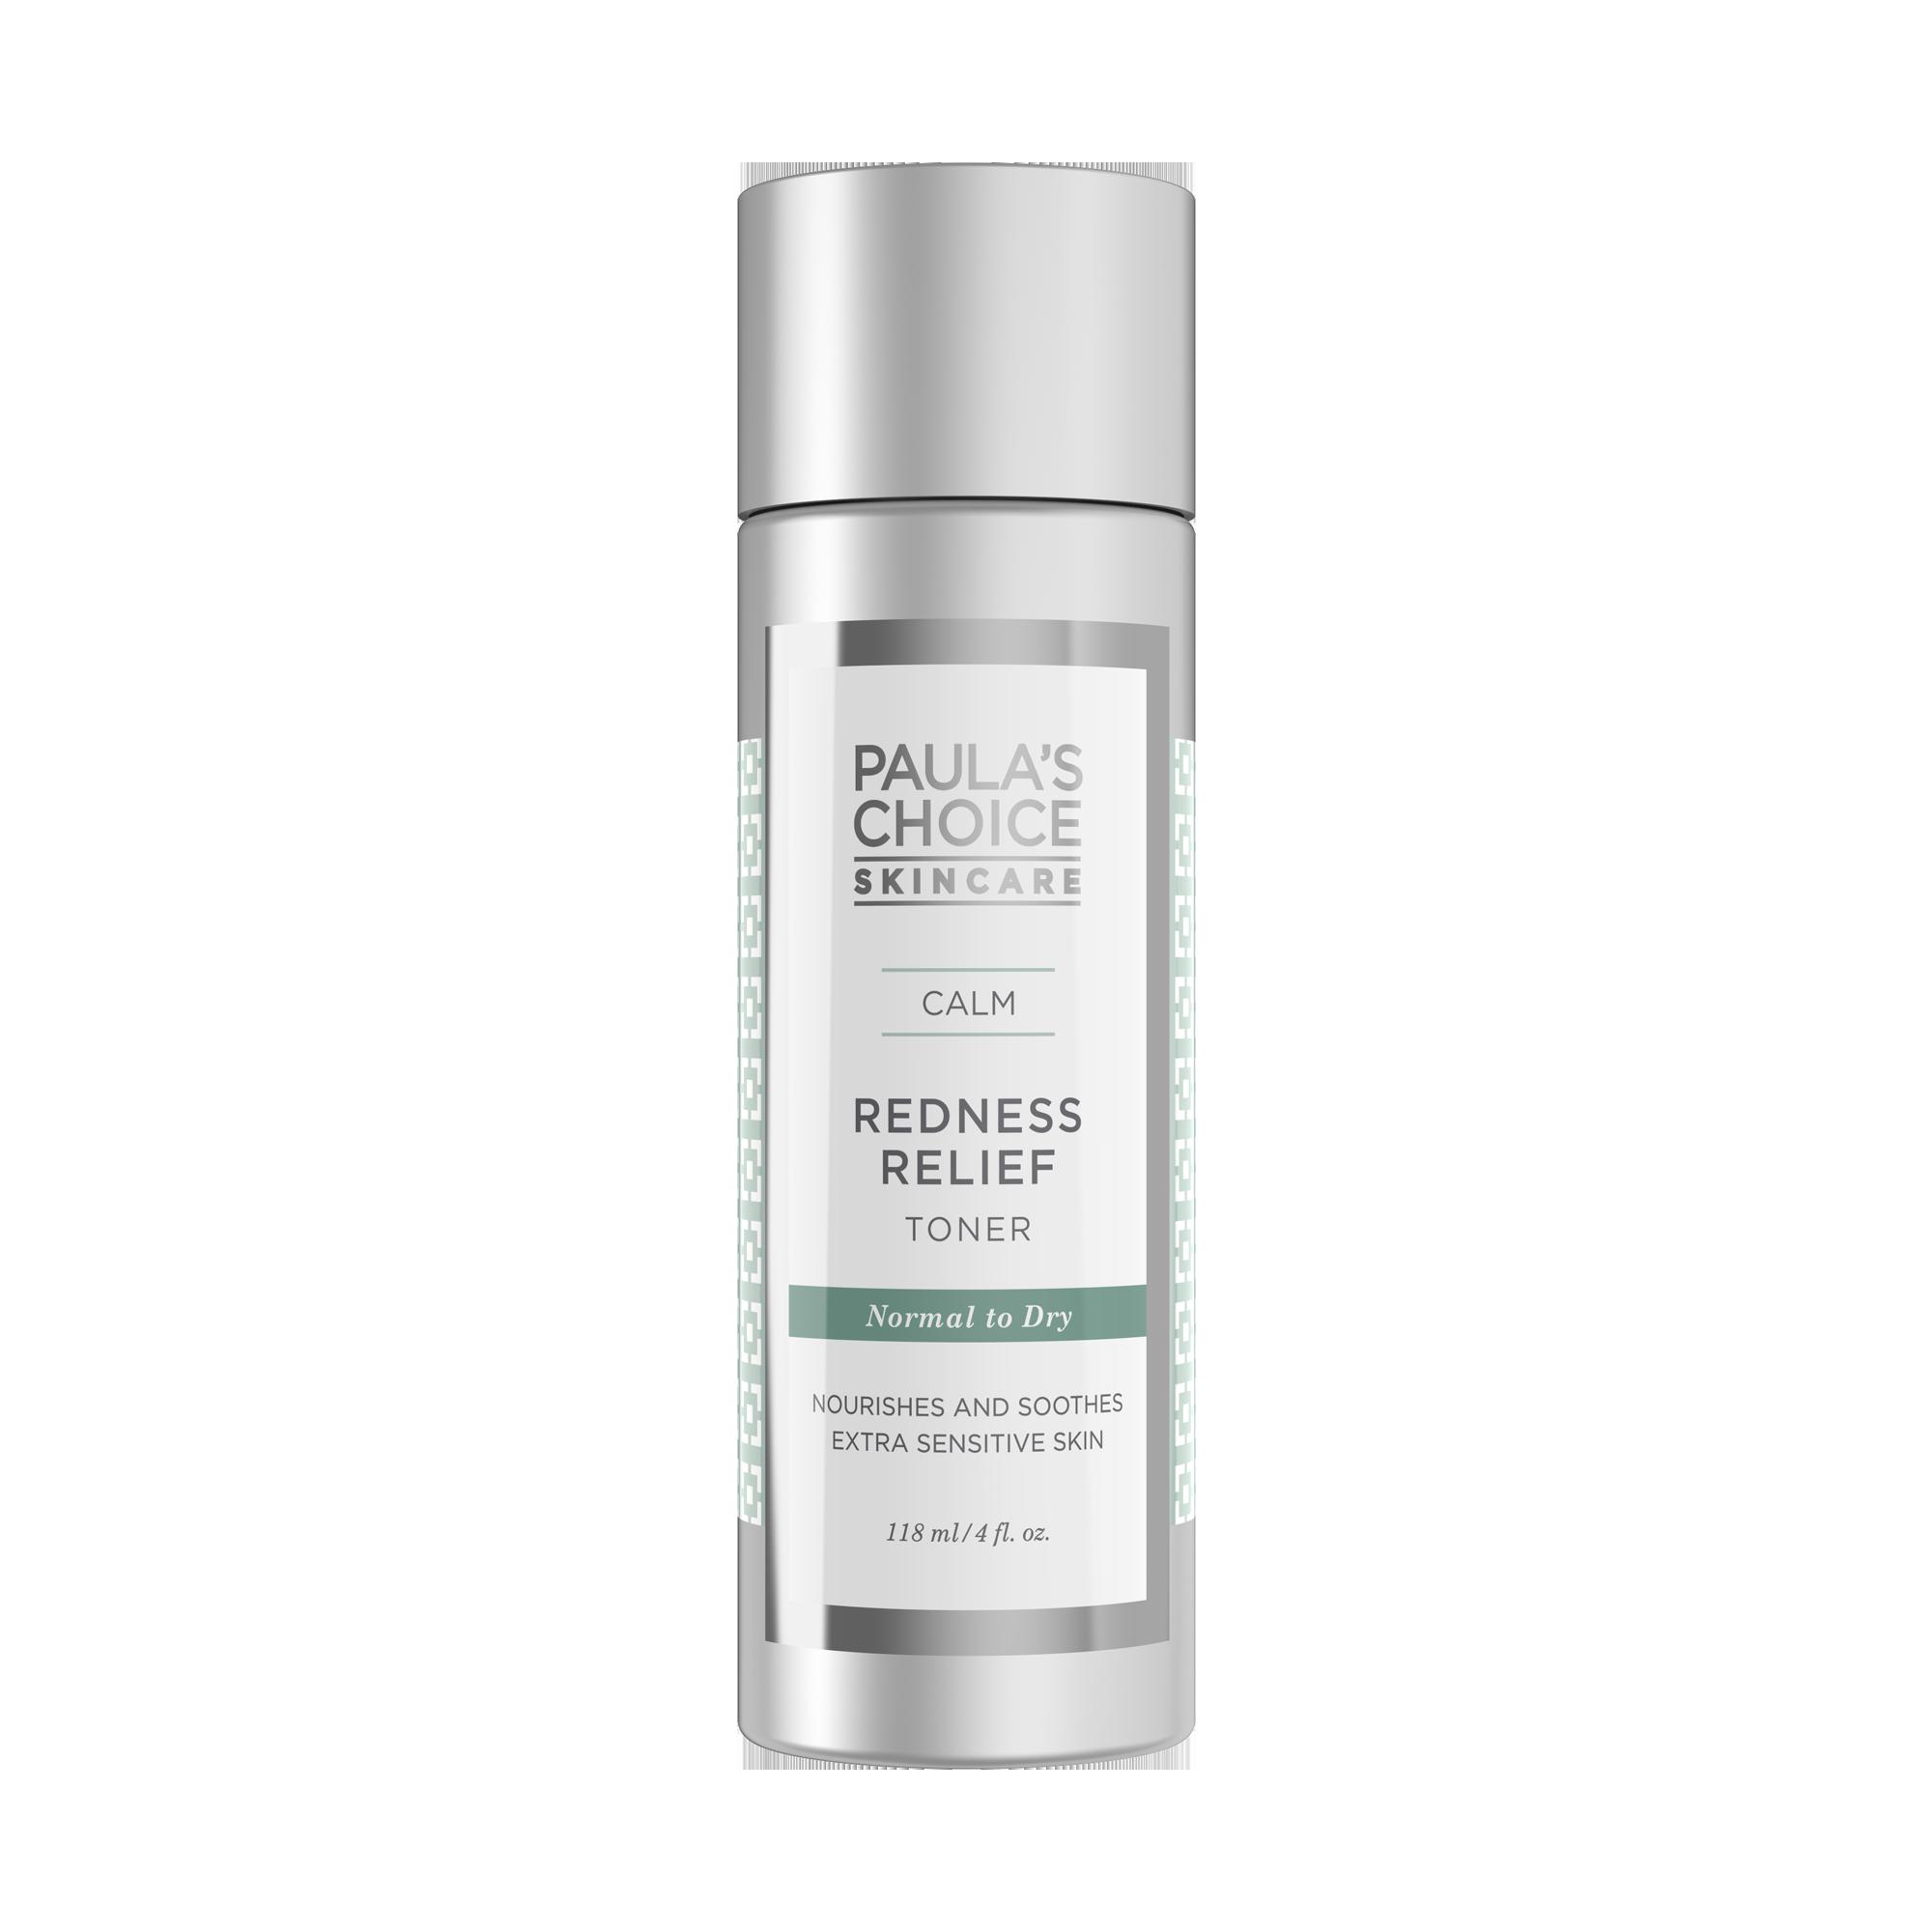 Best Natural Toner For Sensitive Skin